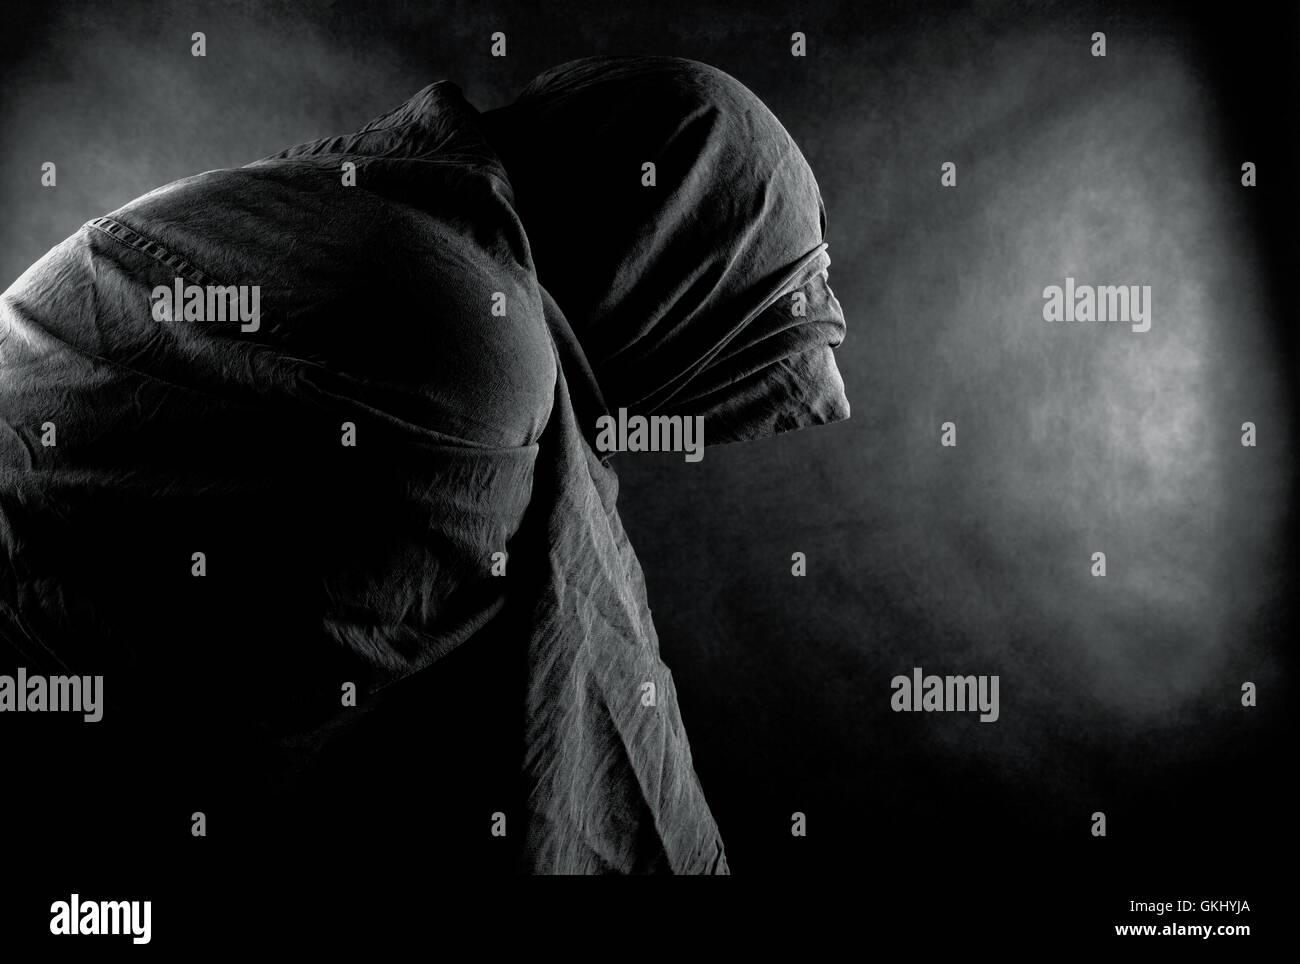 Peligro de muerte la oscuridad Imagen De Stock